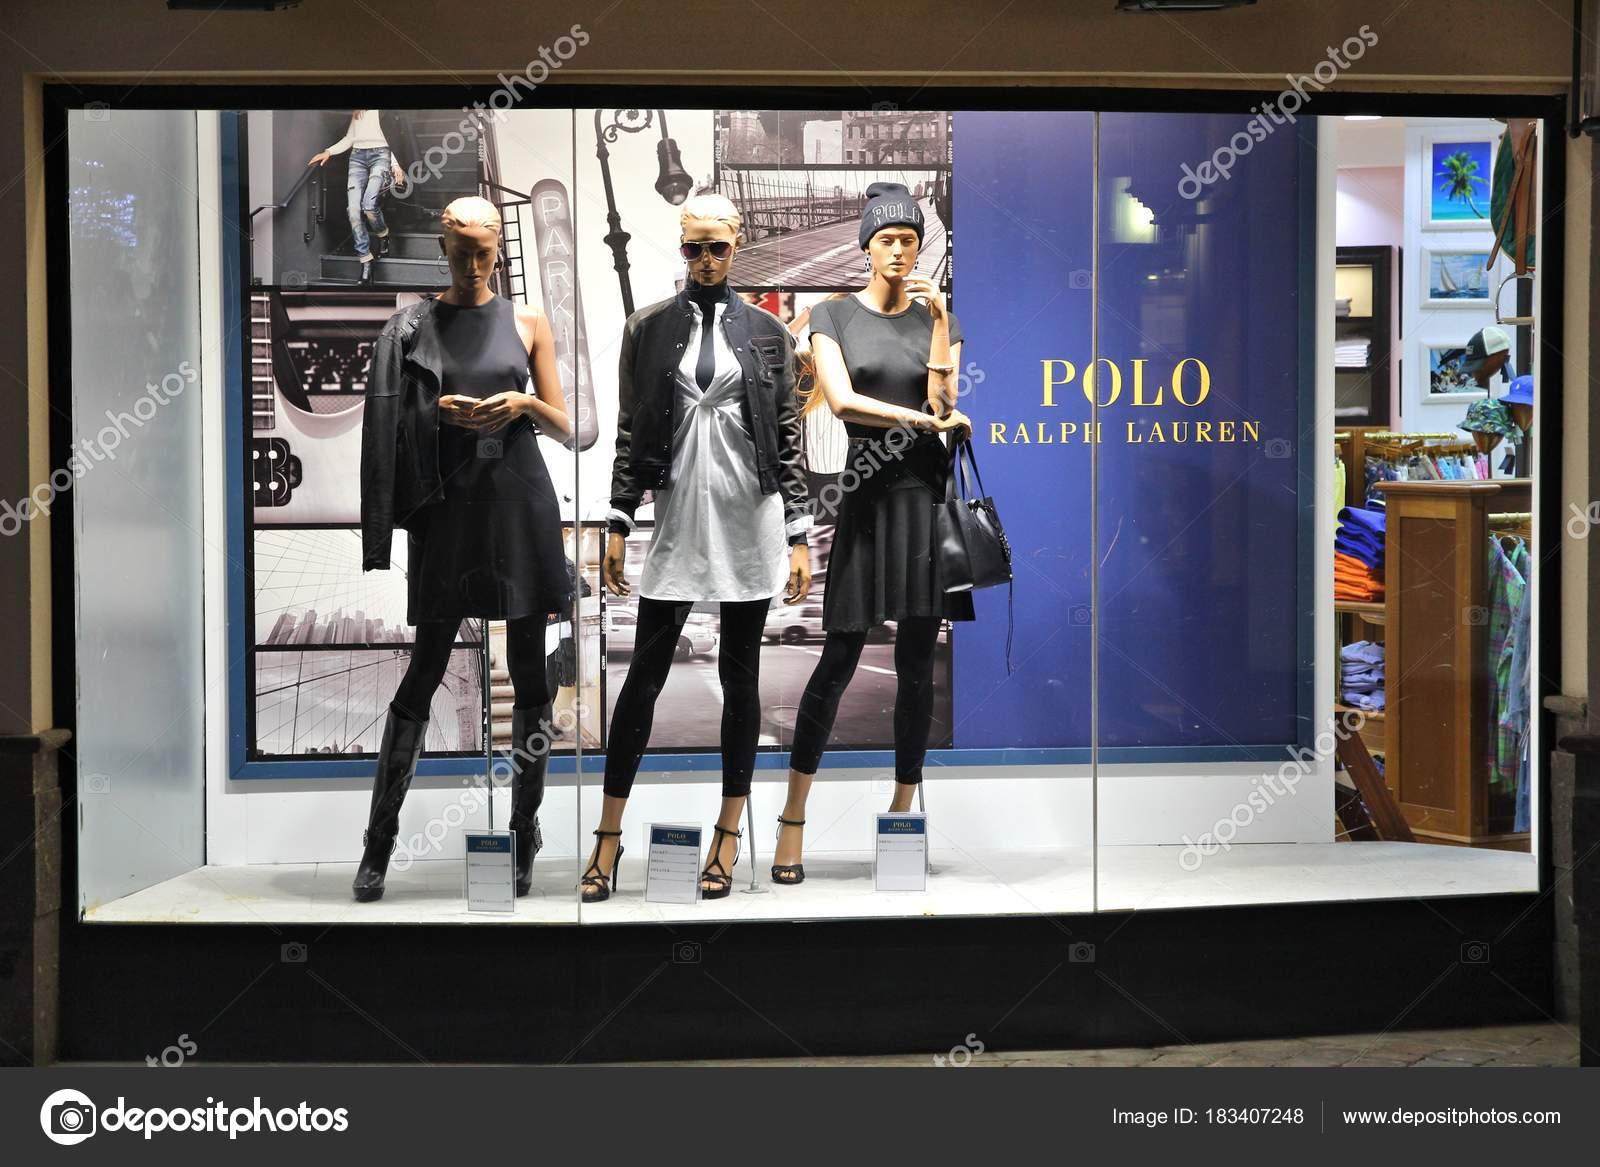 10282805a4f7 Ralph lauren магазин – Стоковое редакционное фото © tupungato #183407248